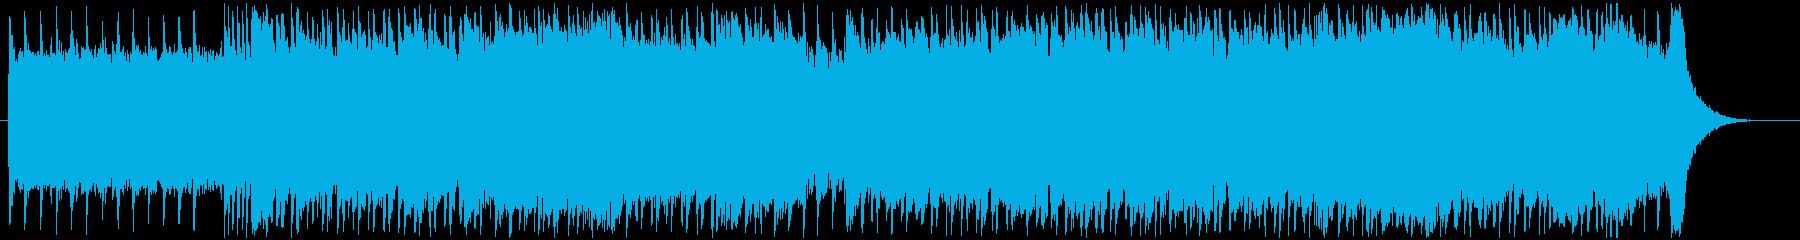 ざらざらした、ブルージーなシャッフ...の再生済みの波形